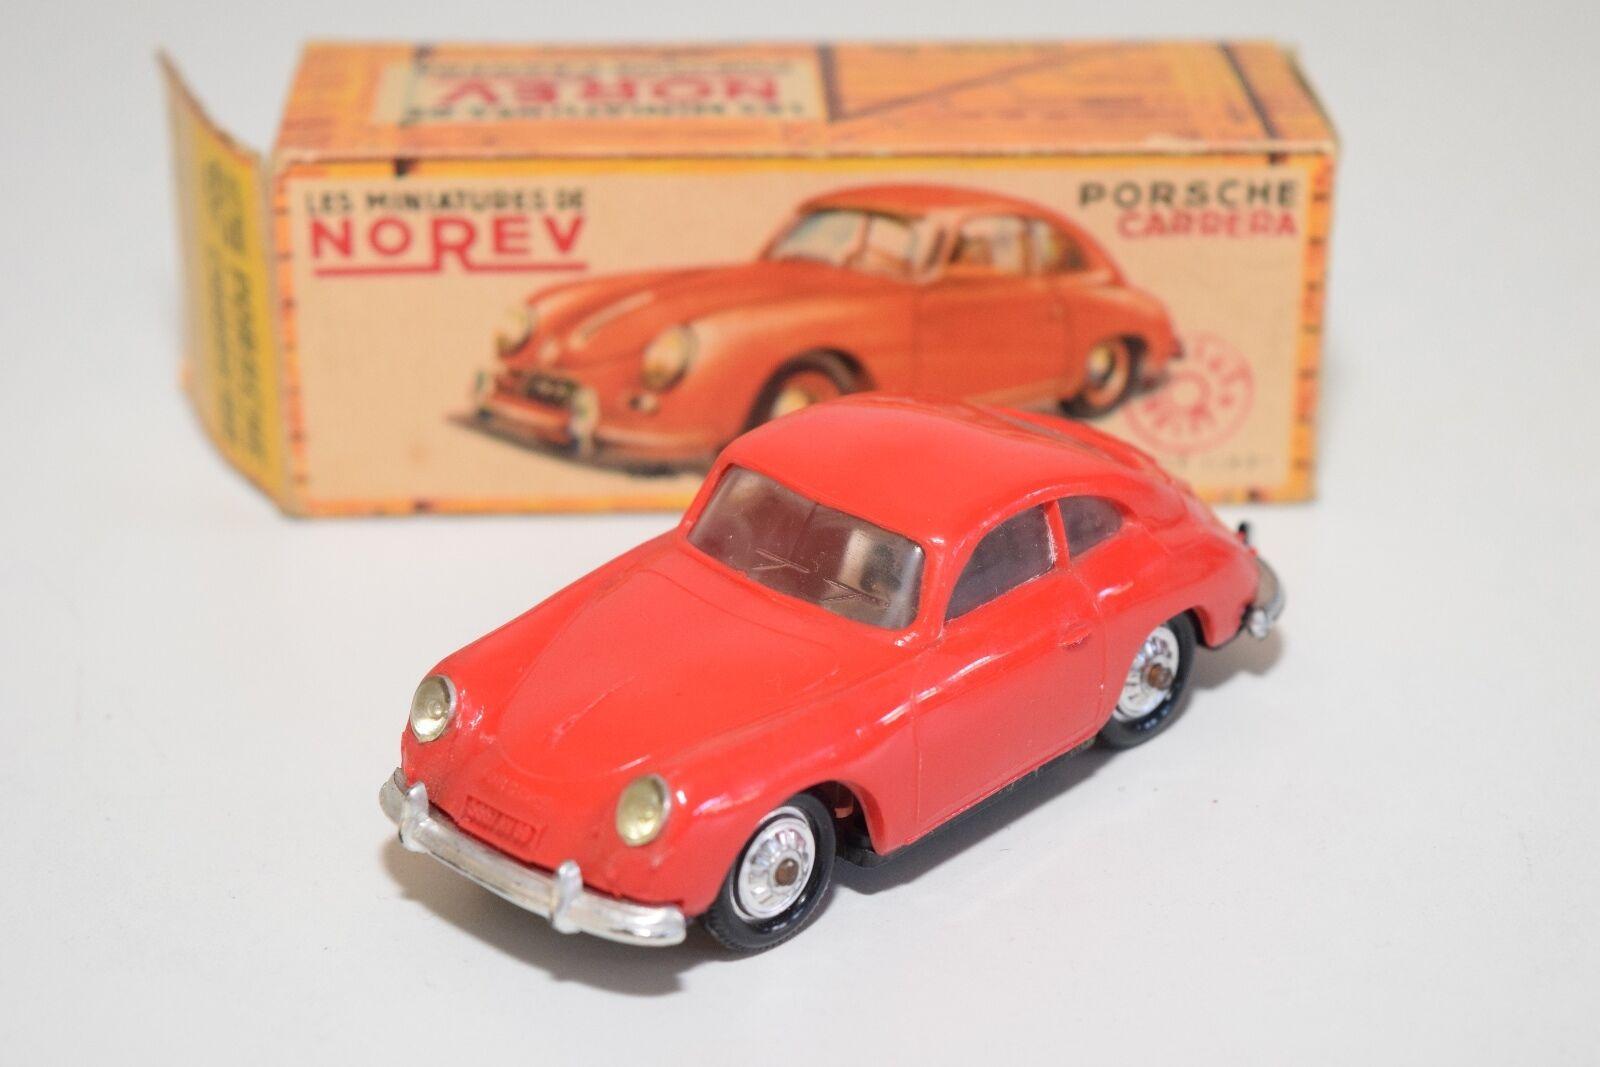 \\ NOREV PLASTIC 16 16 16 PORSCHE CARRERA 356 COUPE rosso NEAR MINT BOXED bbeb1f